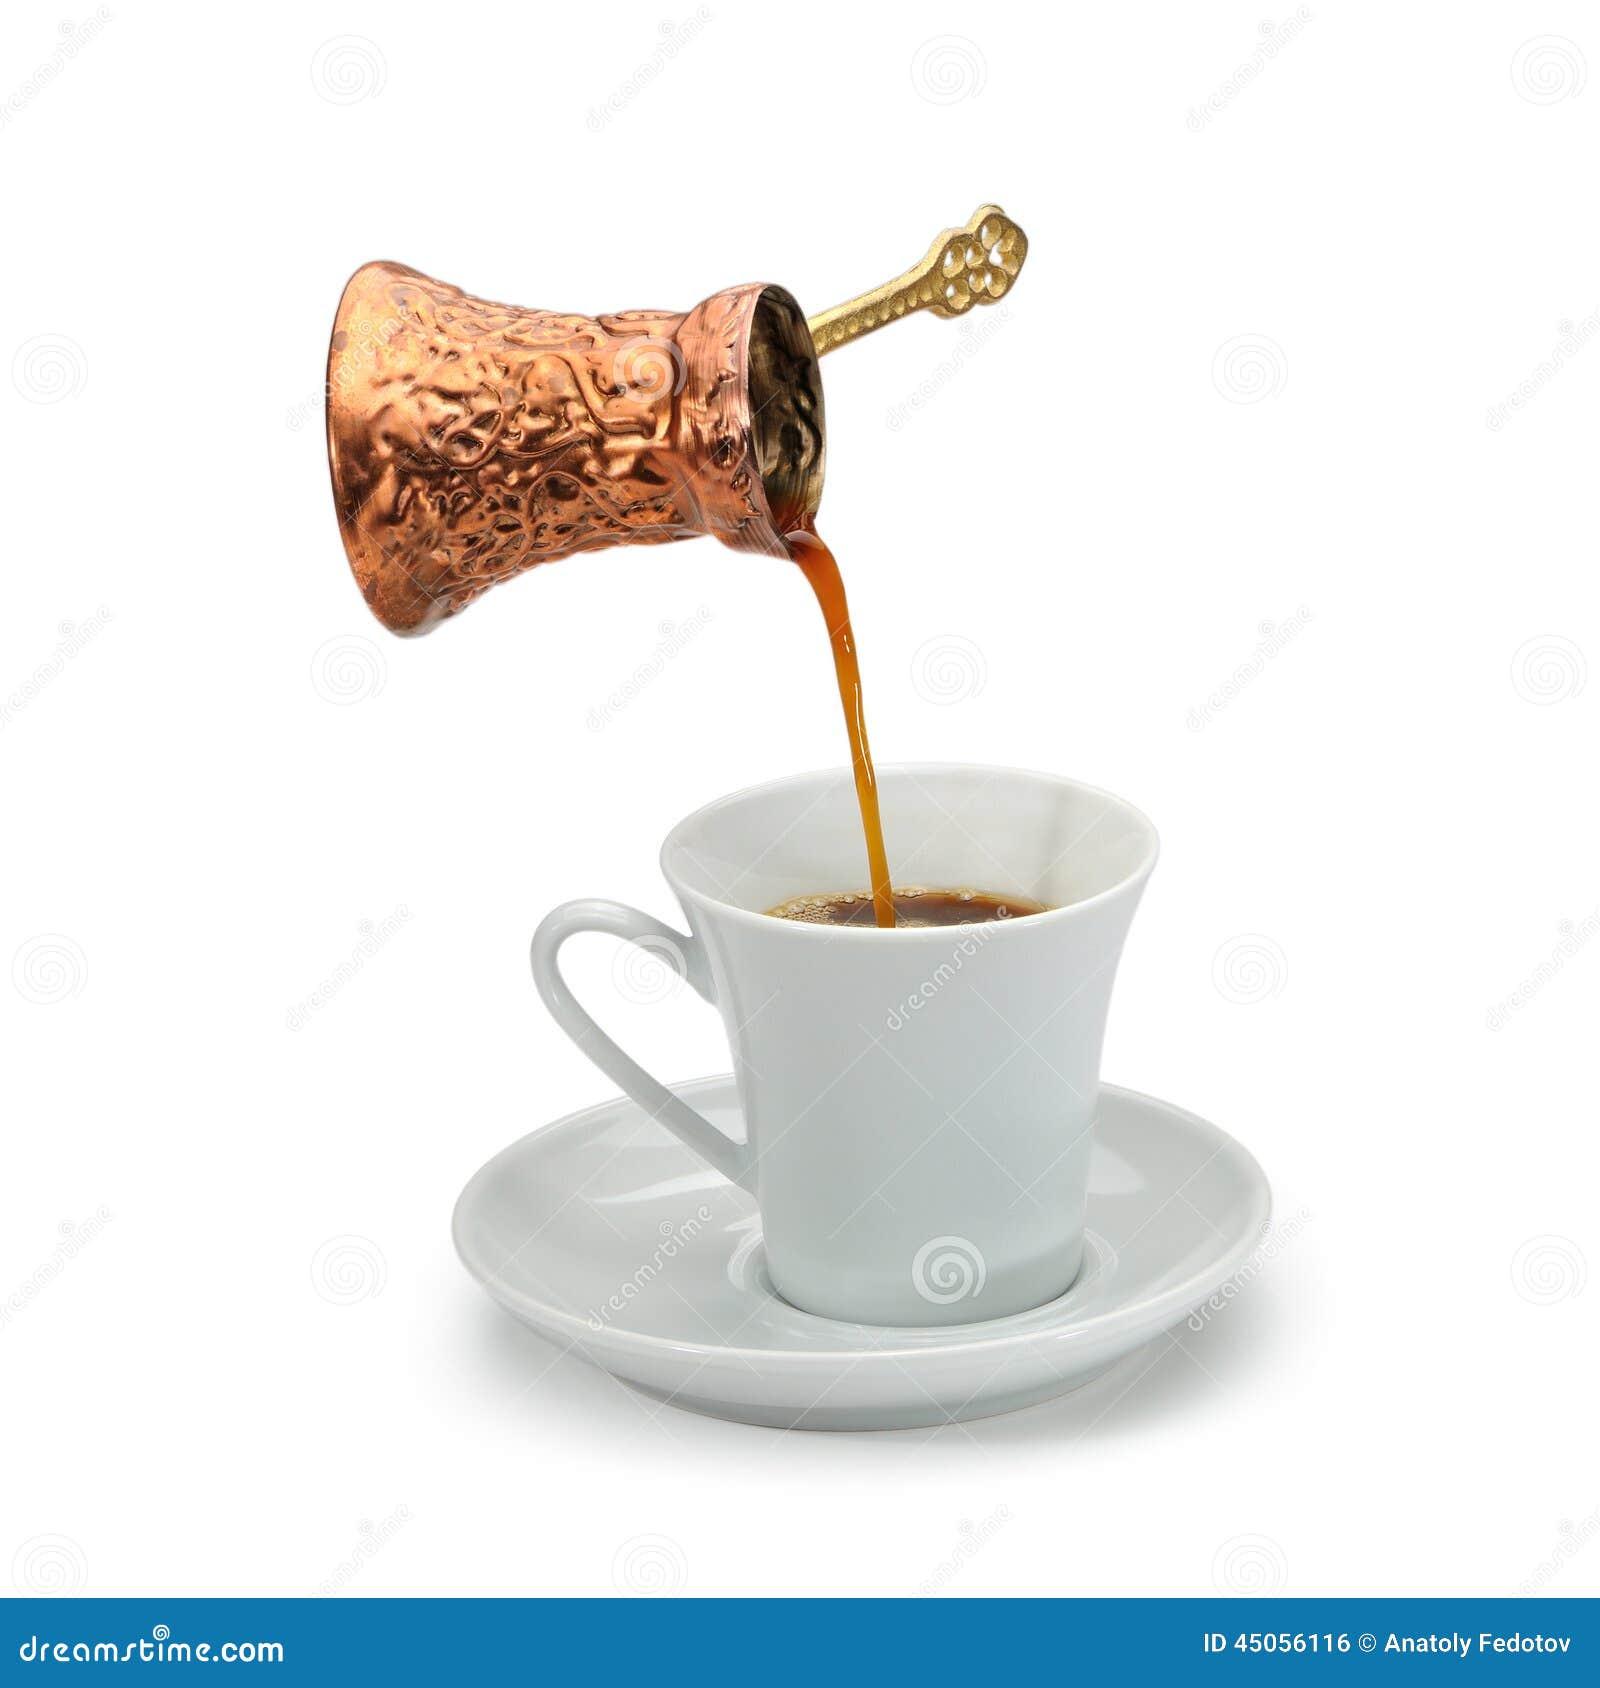 Copper Coffee Pot Pouring Coffee In A White Ceramic Coffee